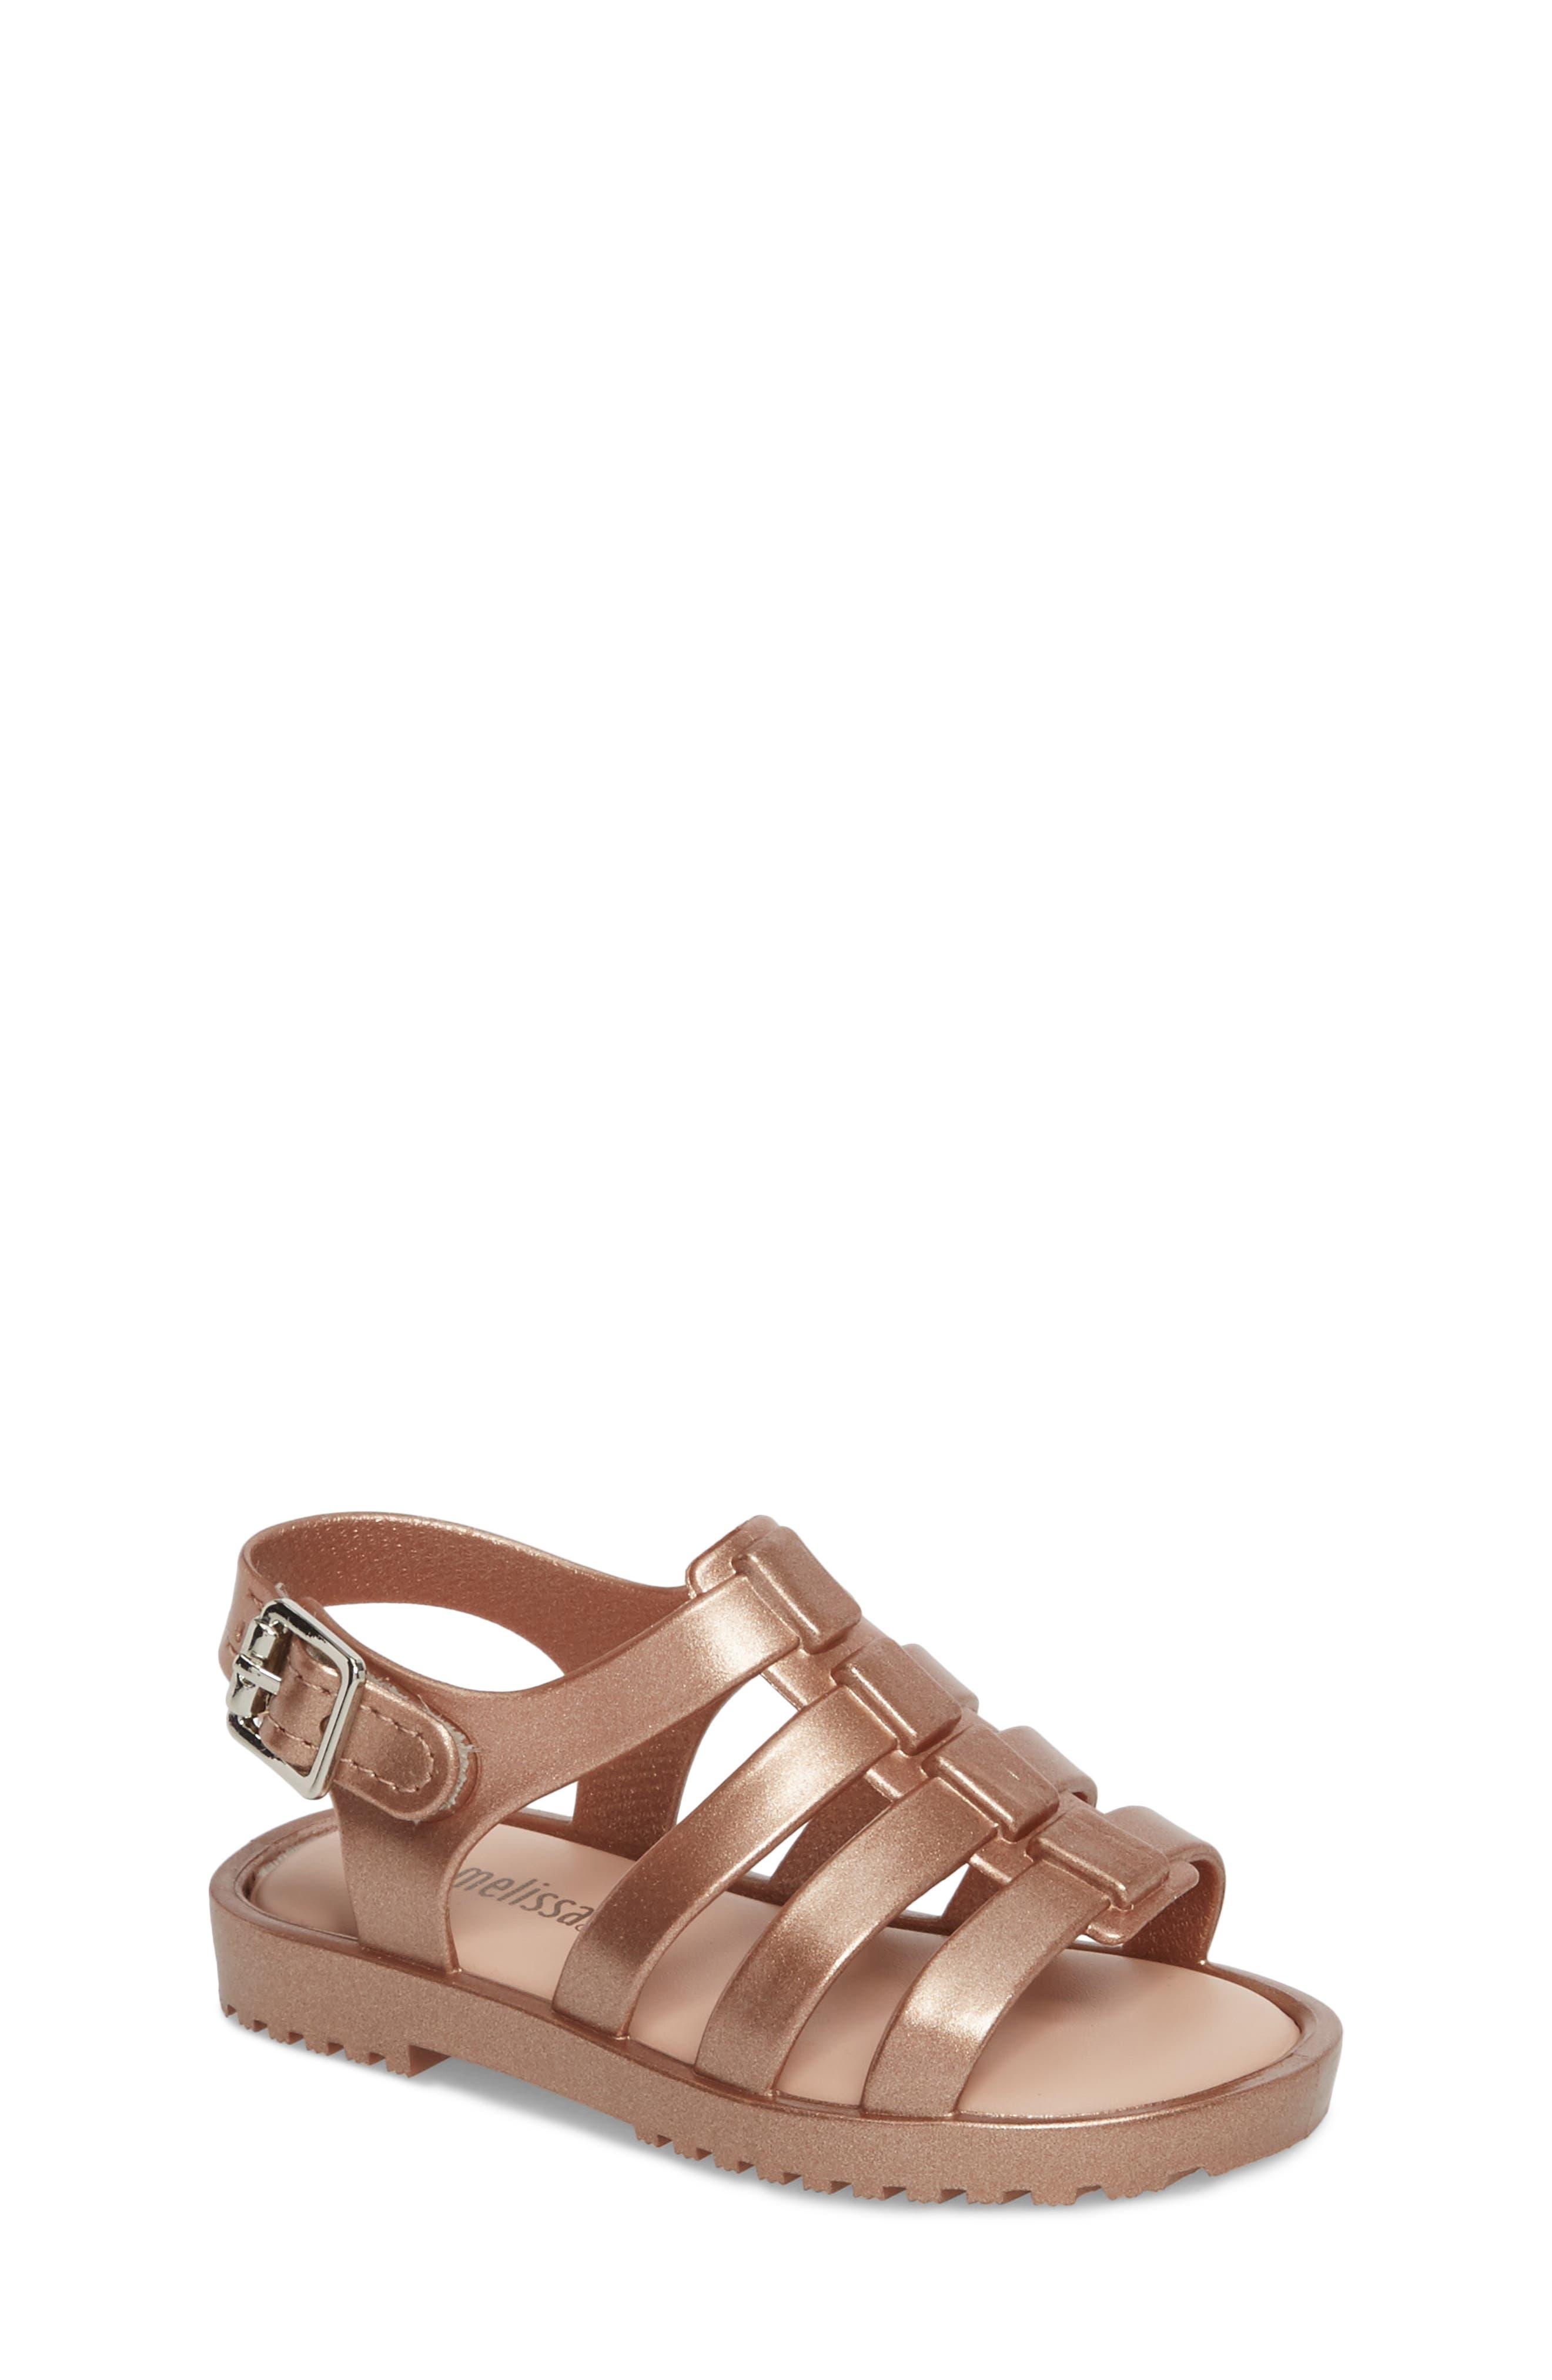 Mini Flox Shine Sandal,                             Main thumbnail 1, color,                             Rose Gold